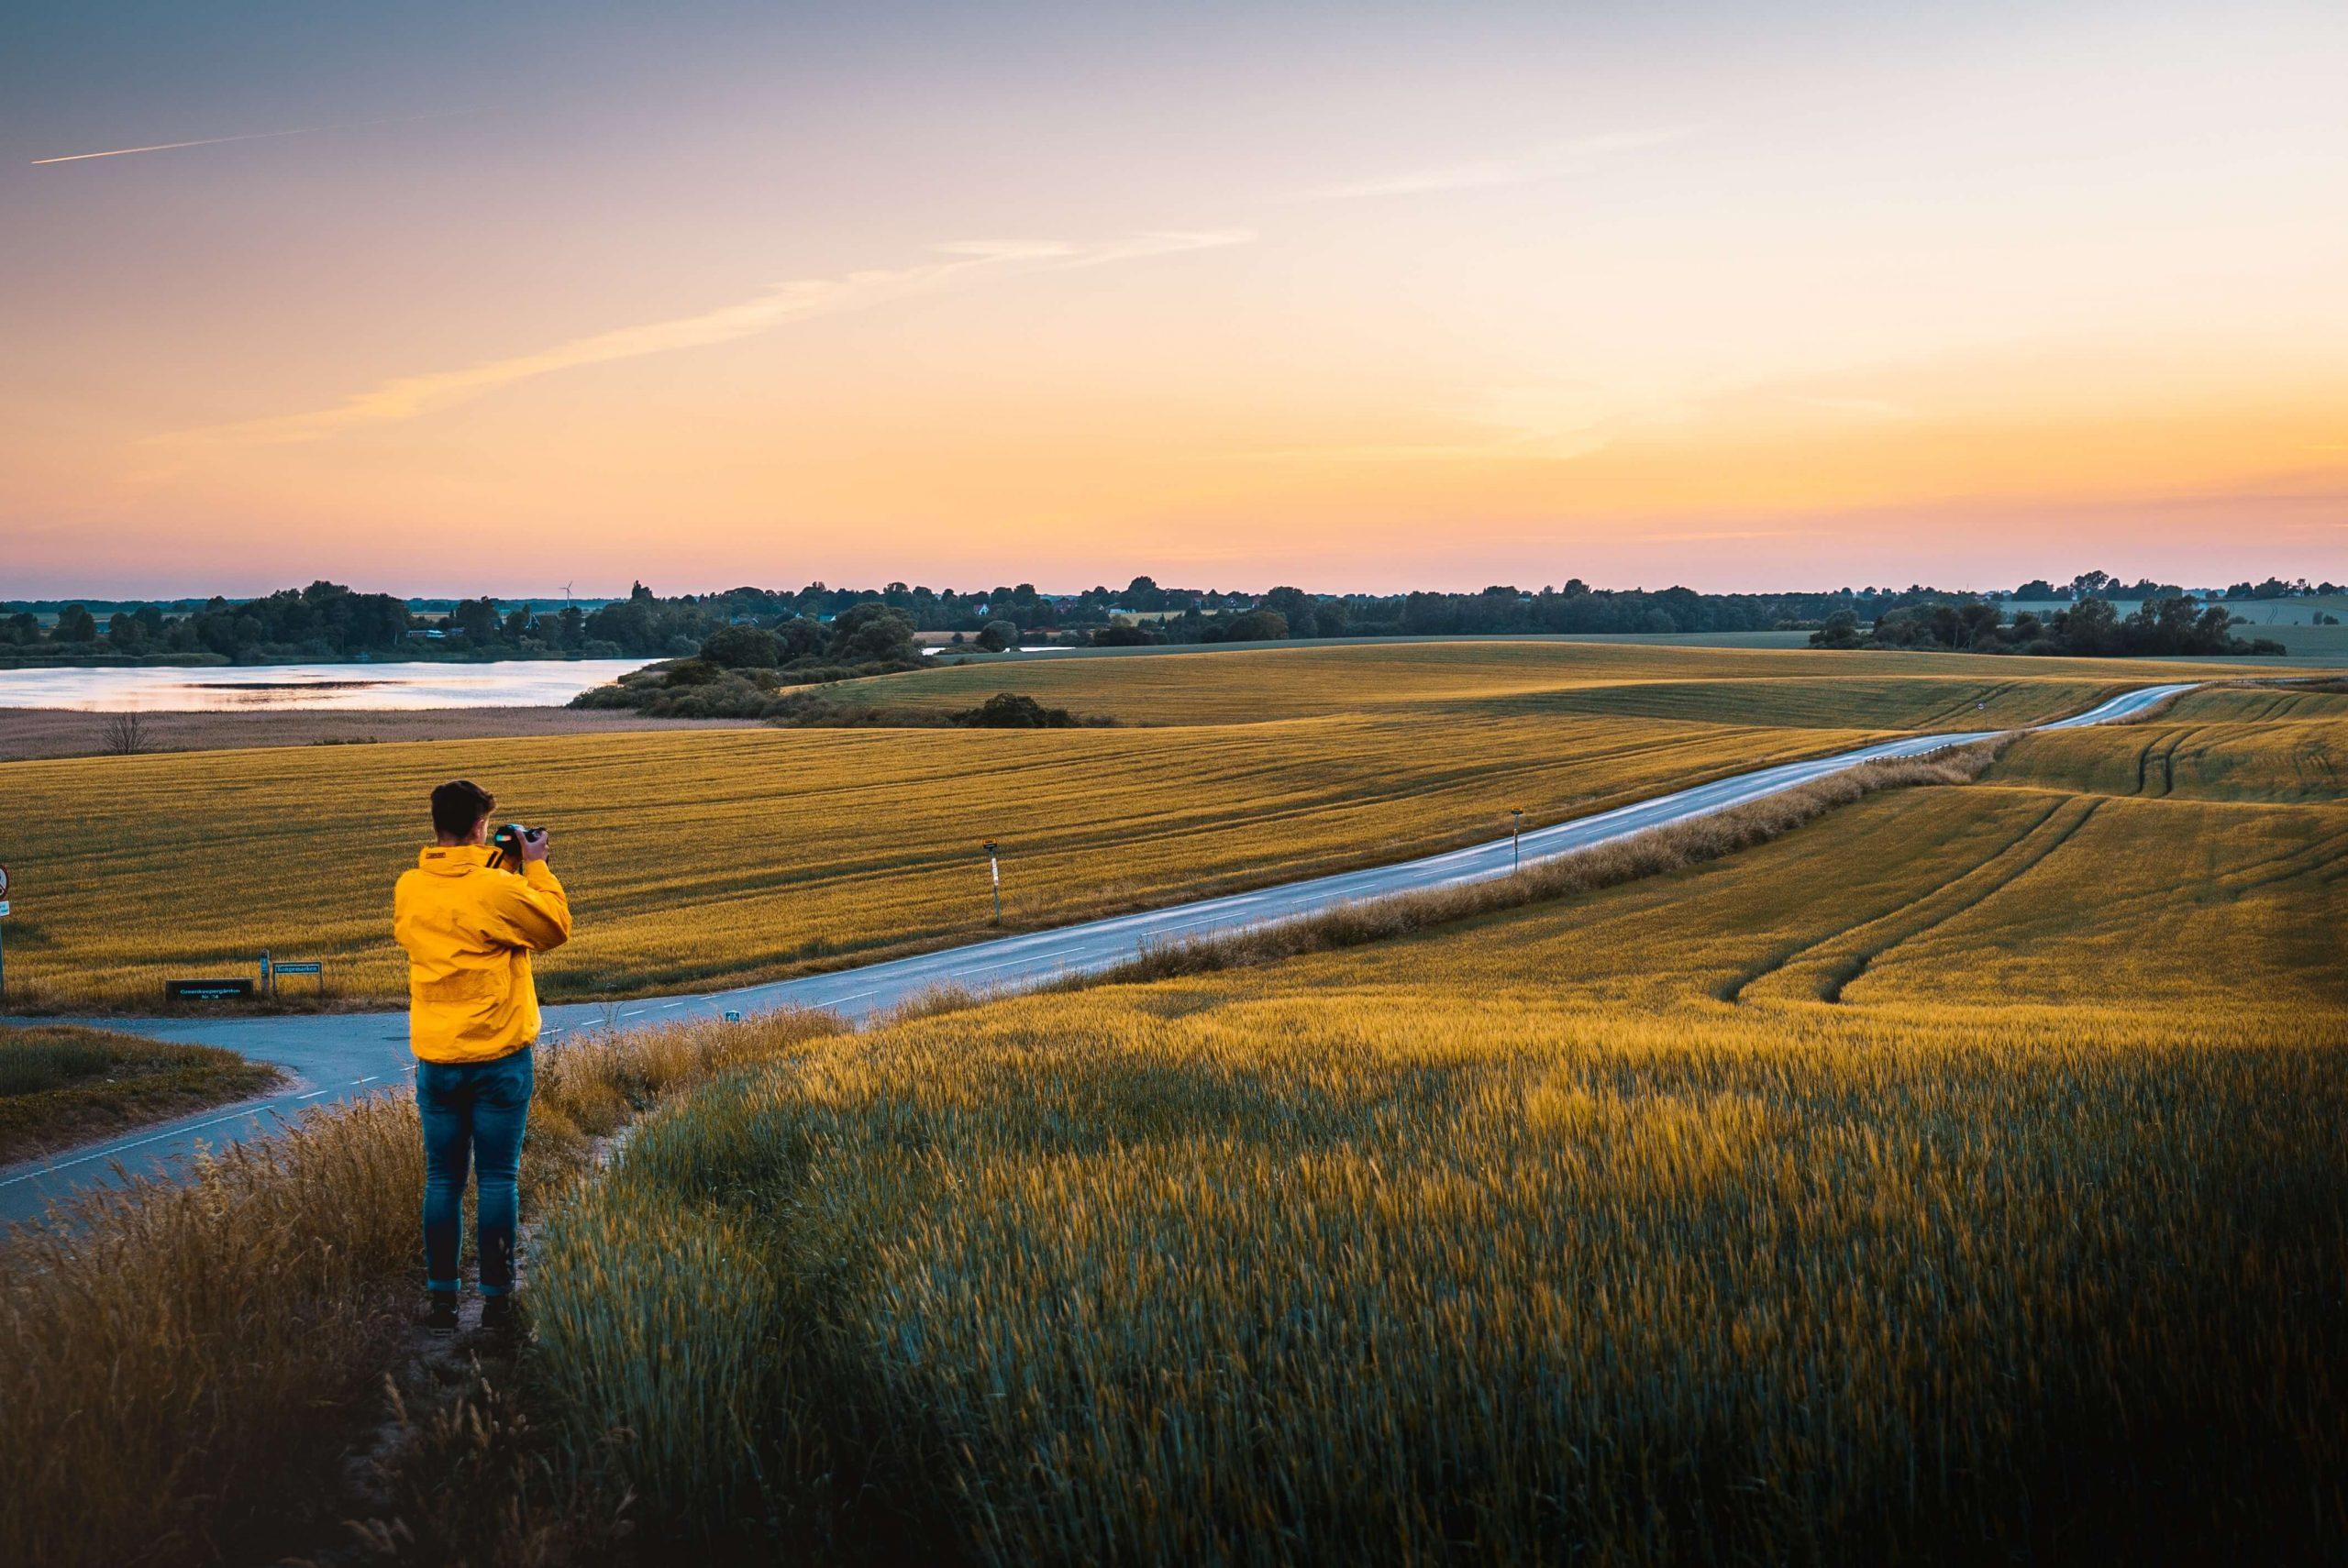 Det går stadig godt for dansk turisme, men der er tegn på, at væksten aftager. Og vi mister konkurrenceevne, viser statusrapport. (Foto: Andreas Dress/Unsplash)